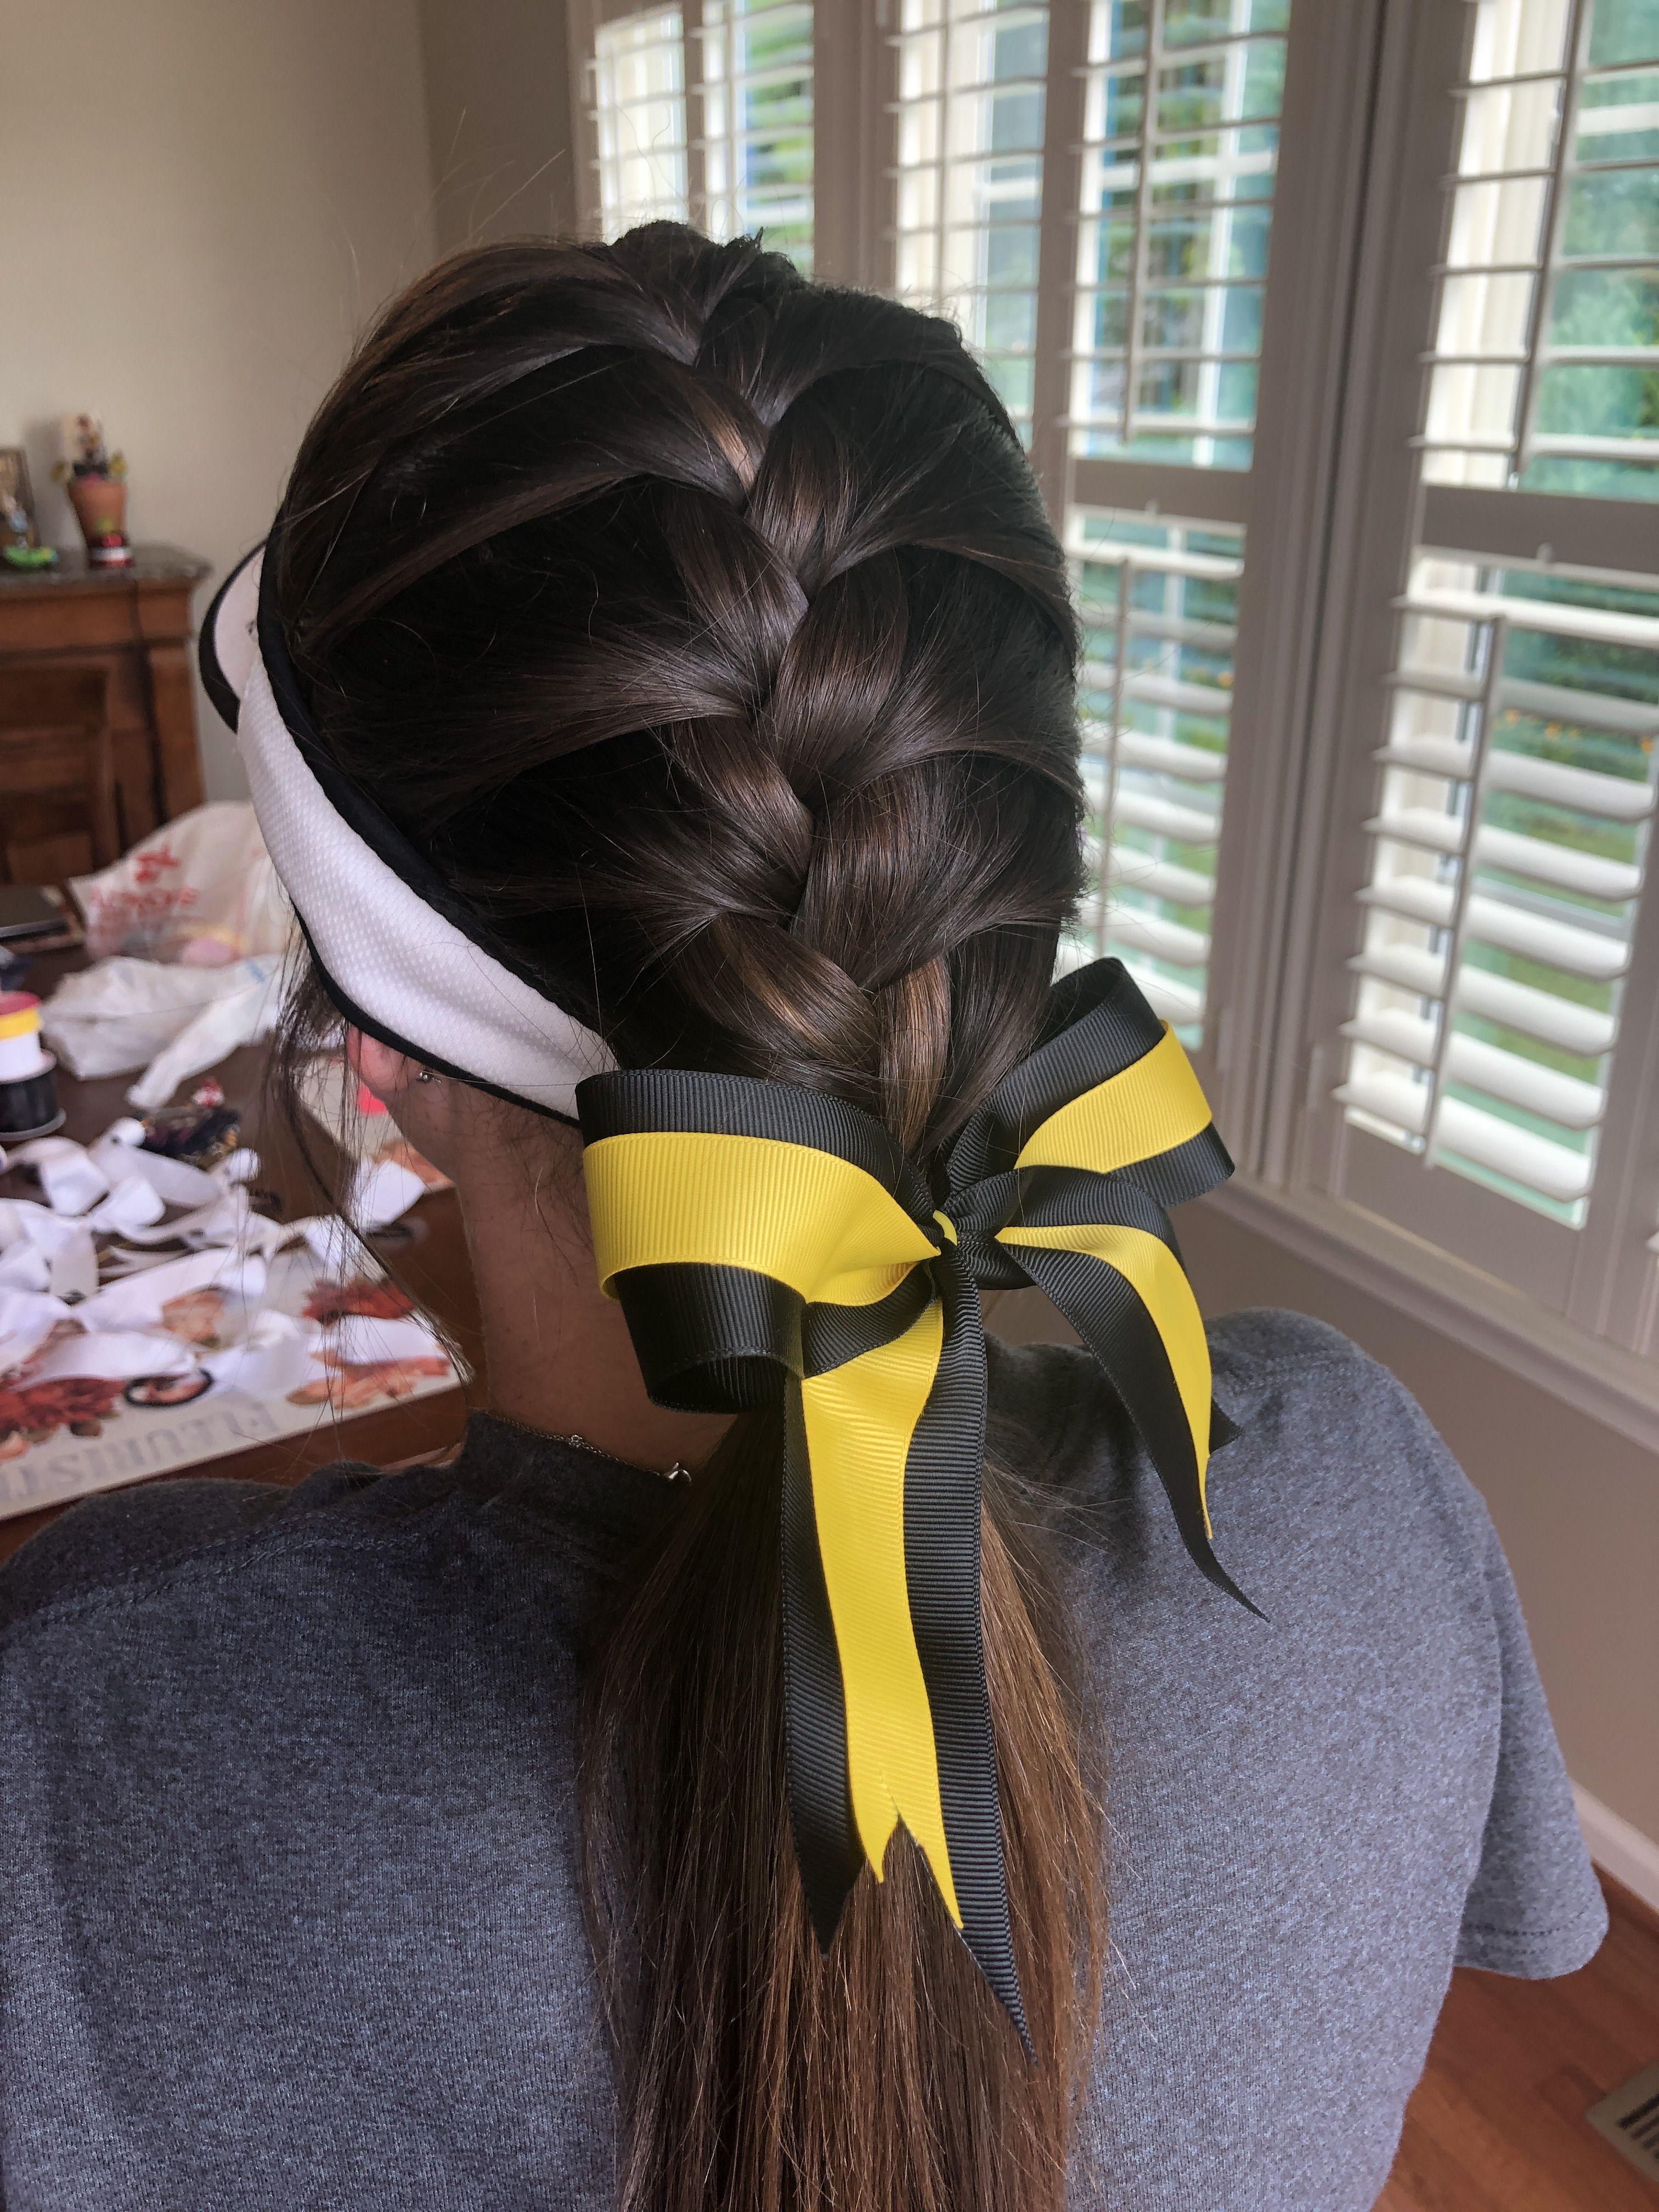 Softball Hair Sports Hairstyles Softball Hair Braids Softball Hairstyles